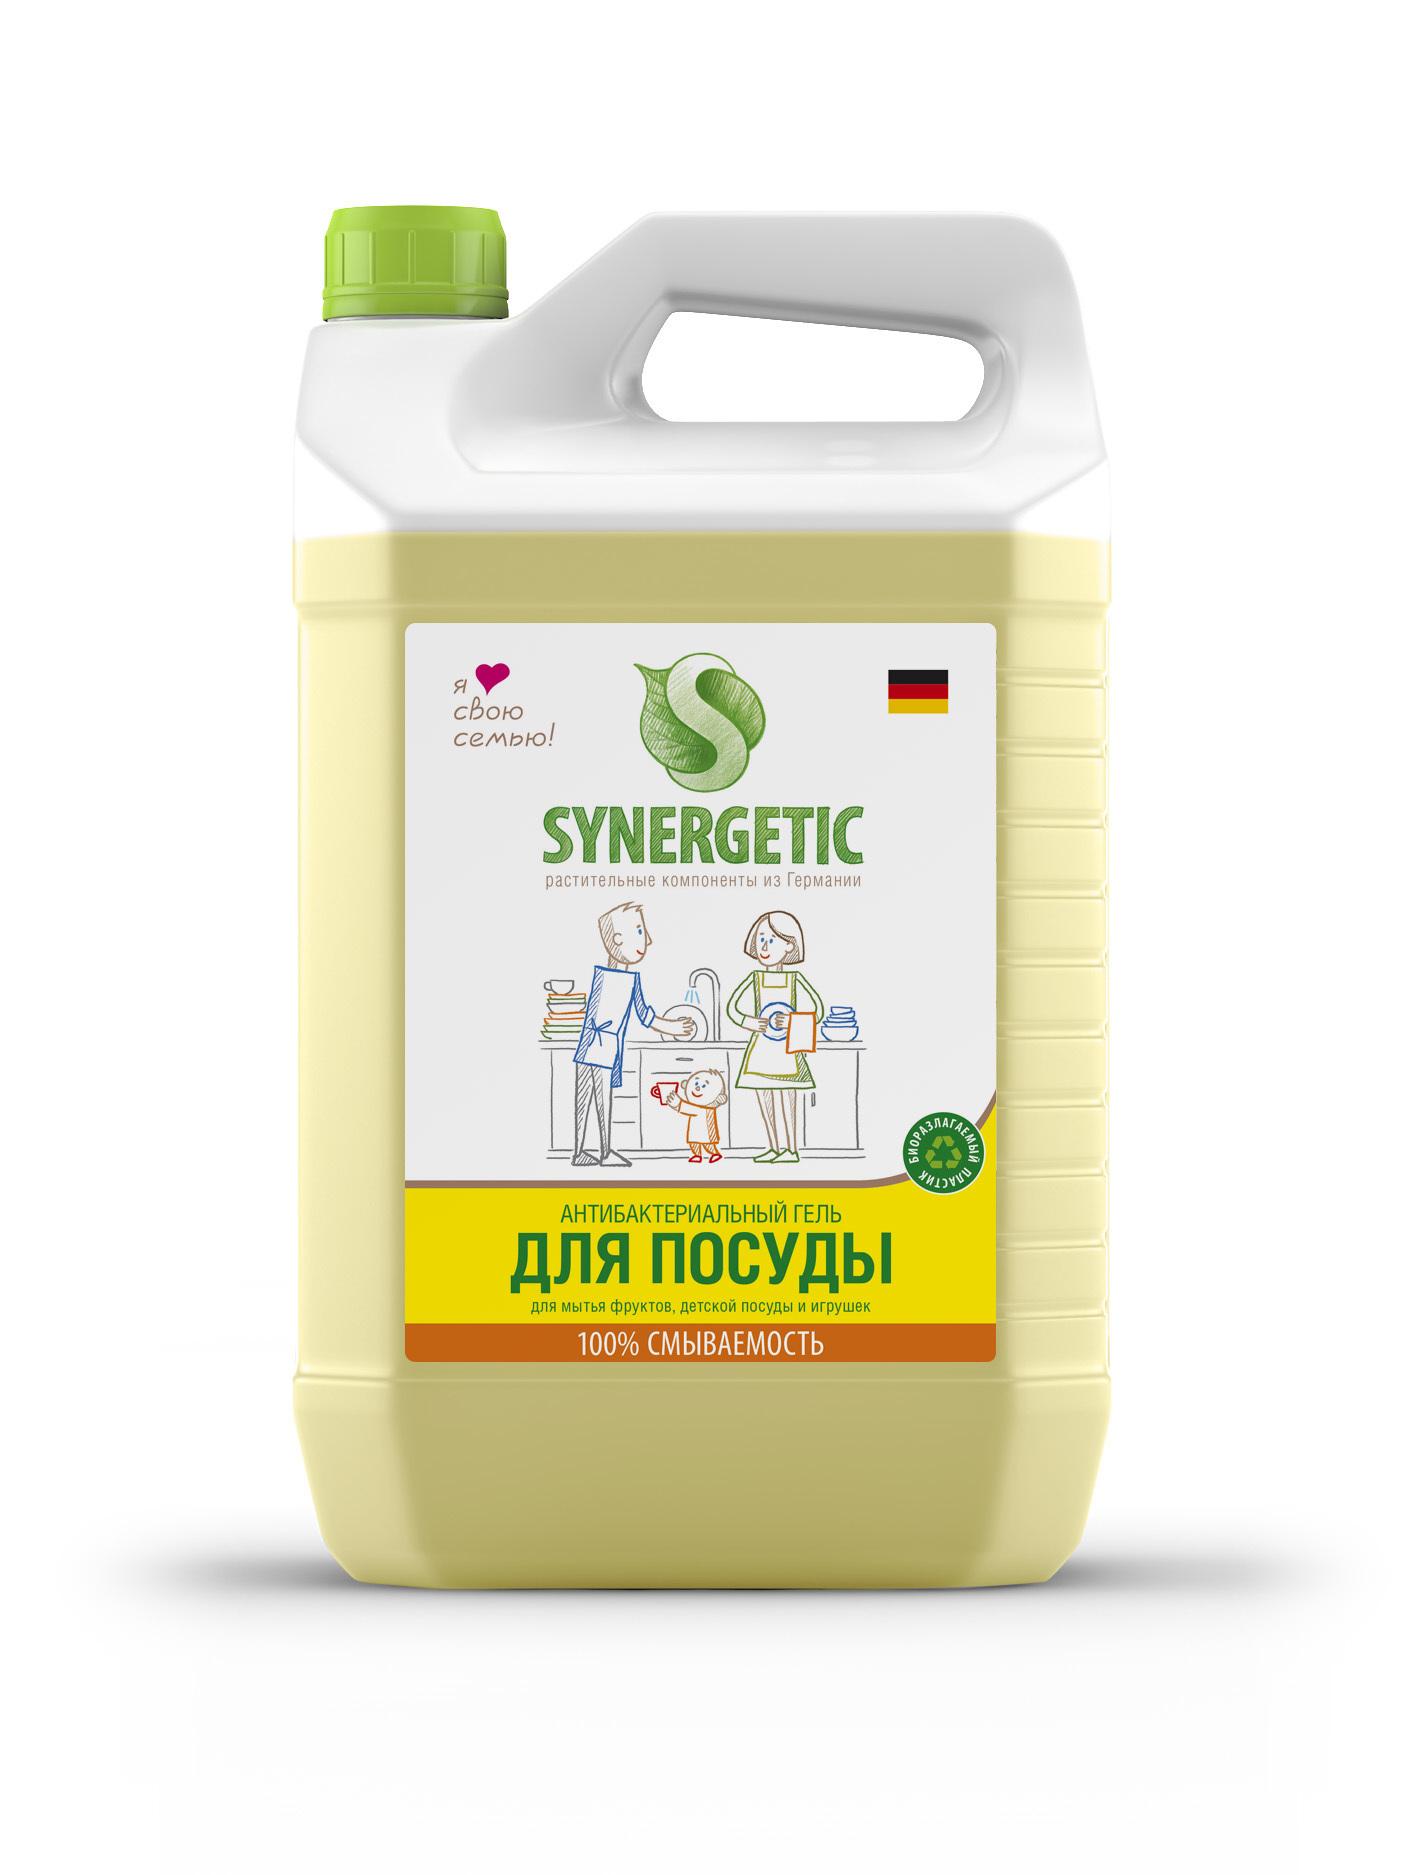 Жидкость для мытья посуды, SYNERGETIC, лимон, 5 л.